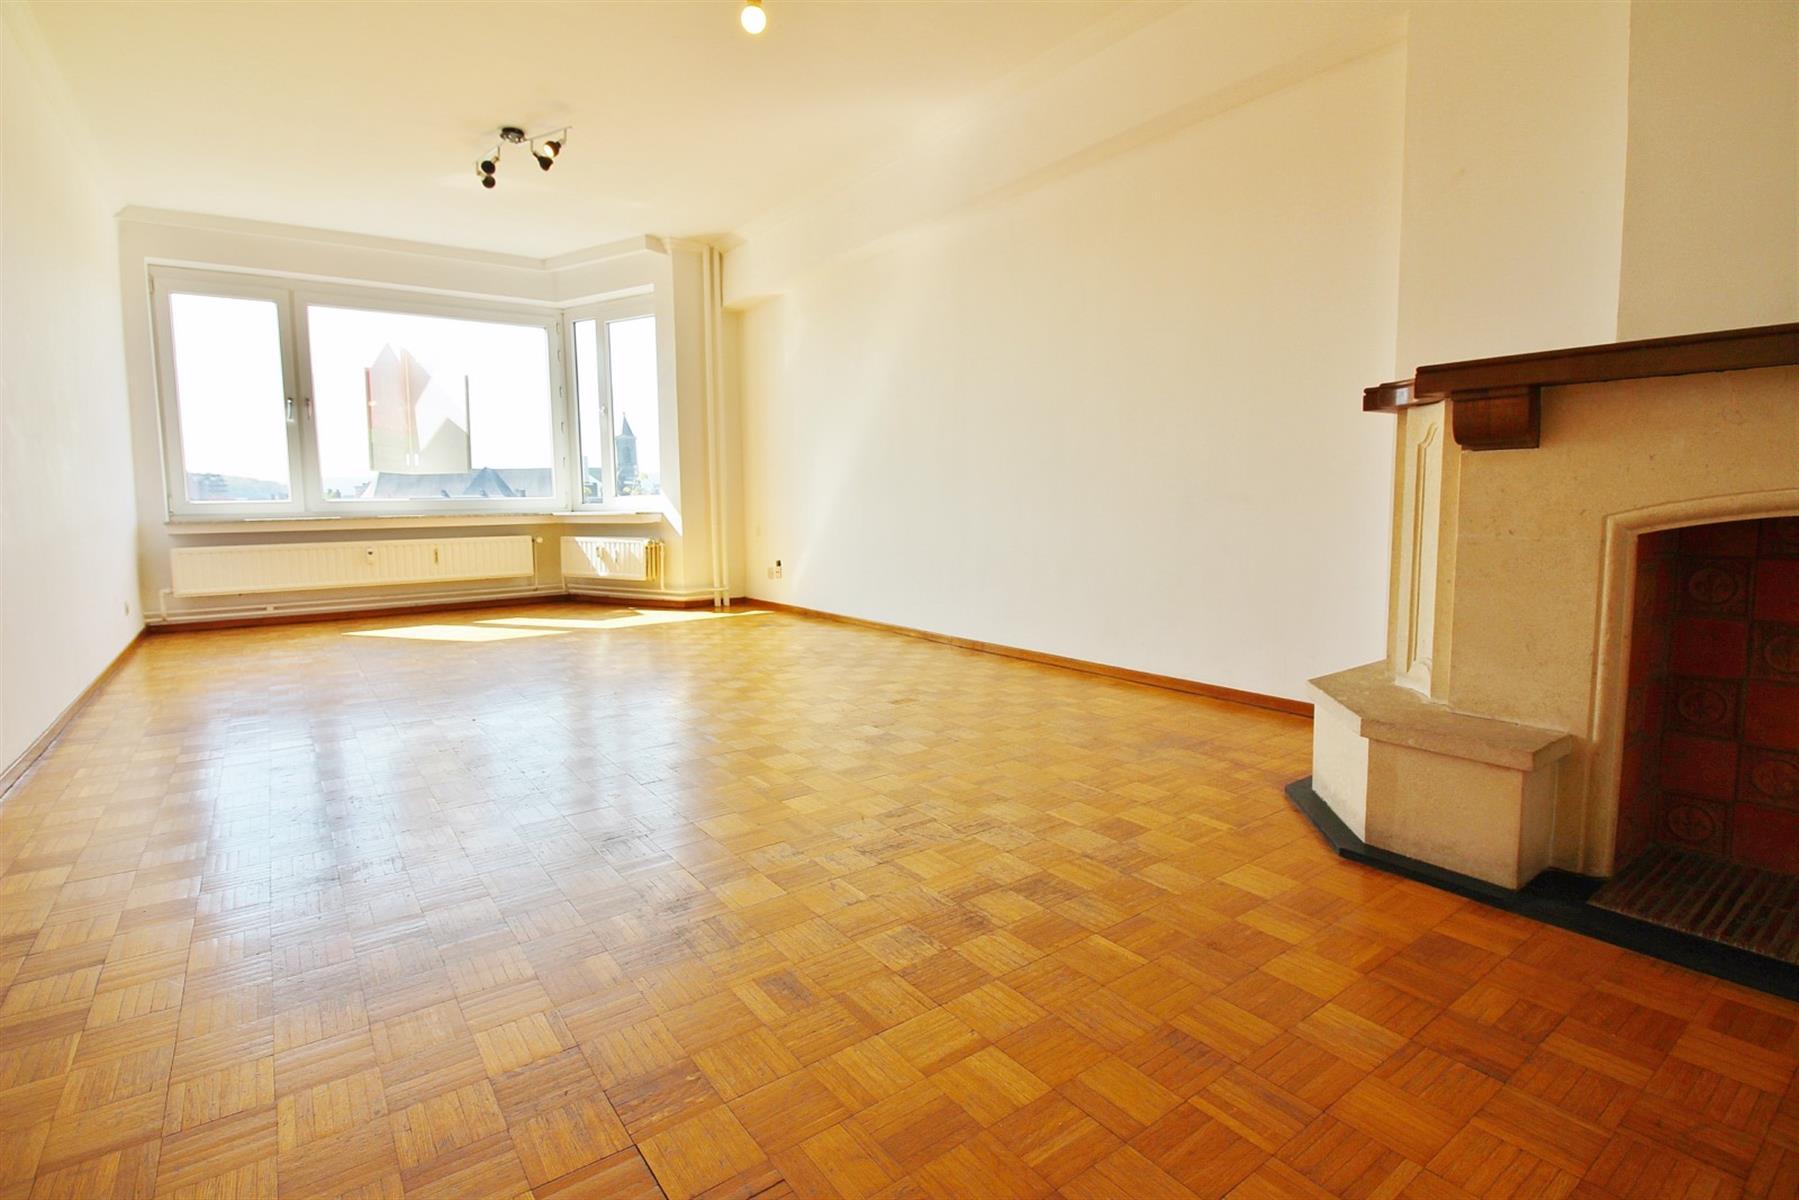 Appartement - Liege - #4348061-4